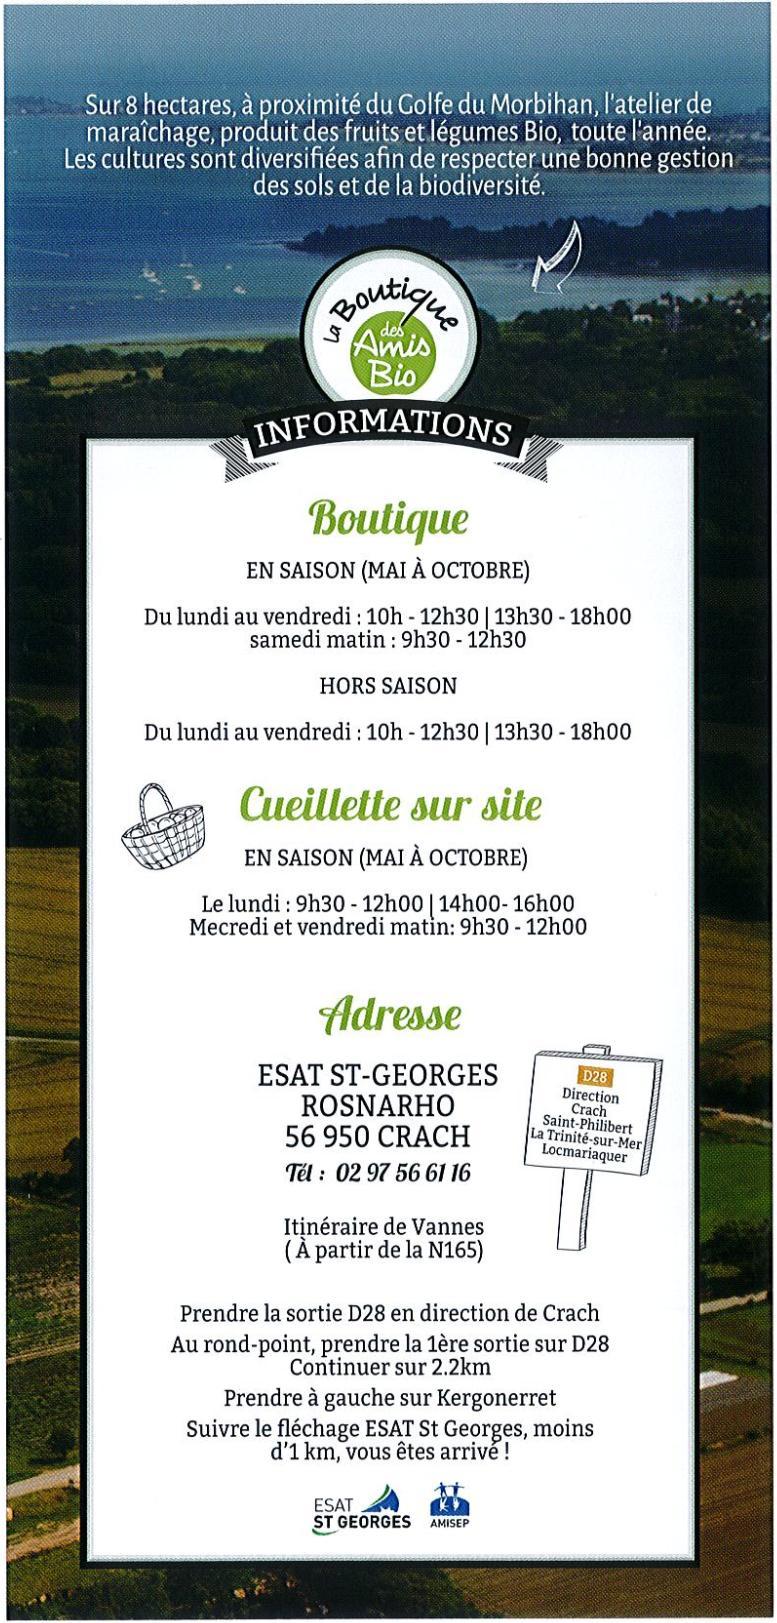 Cueillette sur site fruits et légumes bio Crac'h, Morbihan